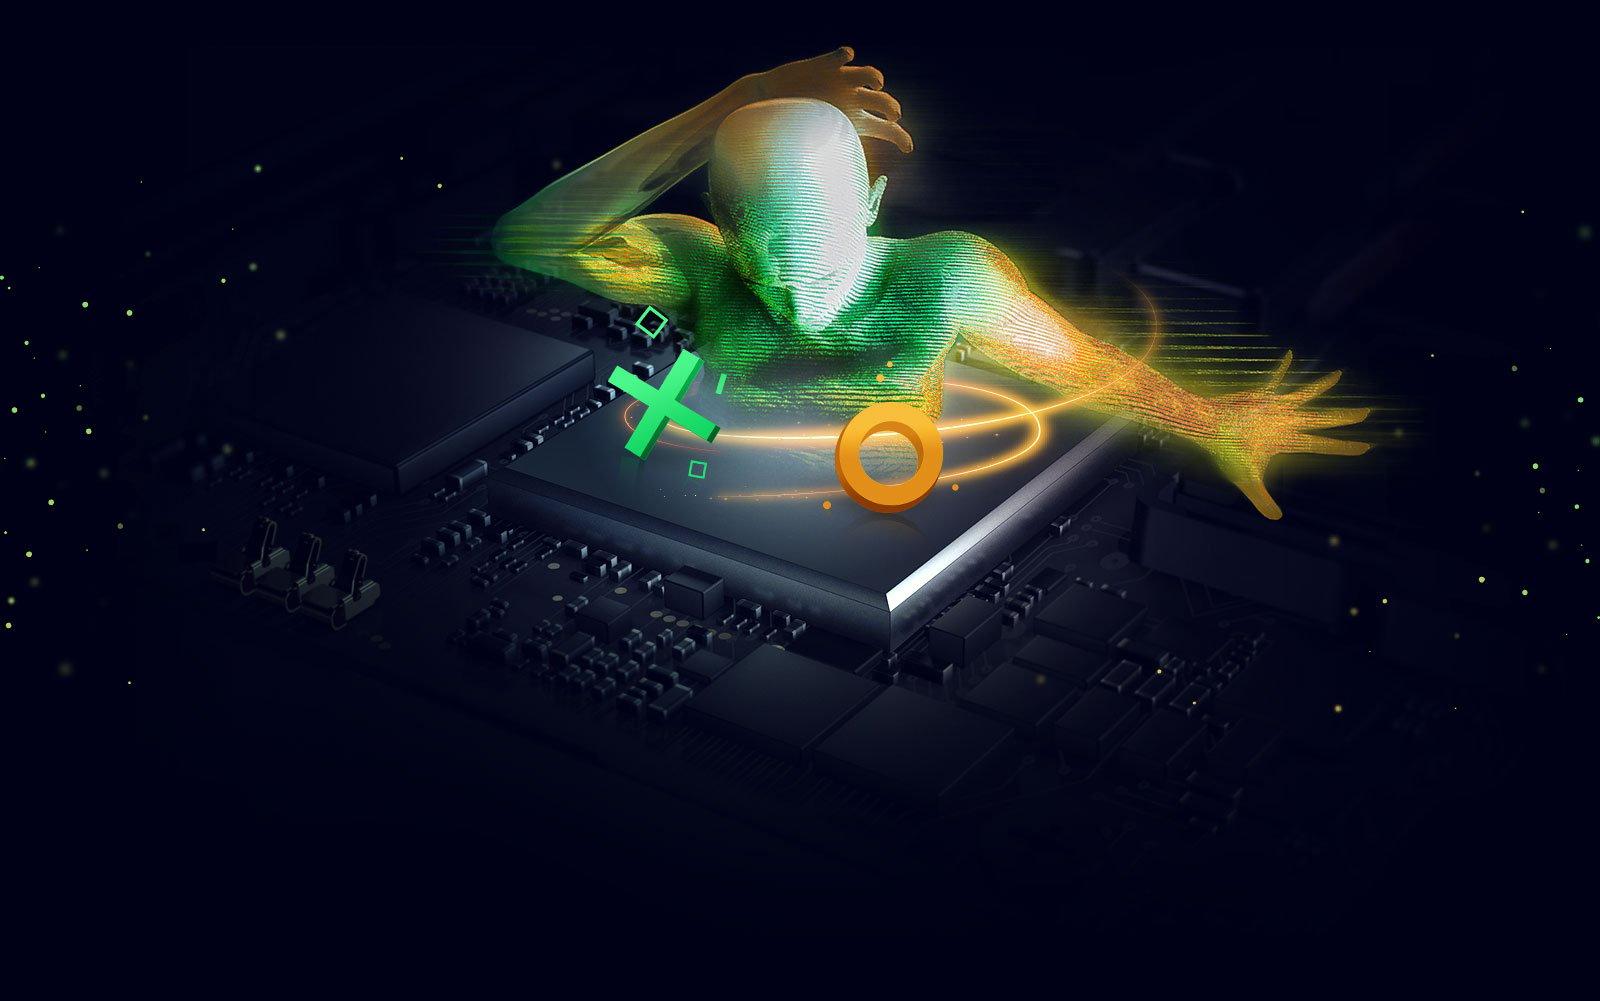 MediaTek HyperEngine Game Technology